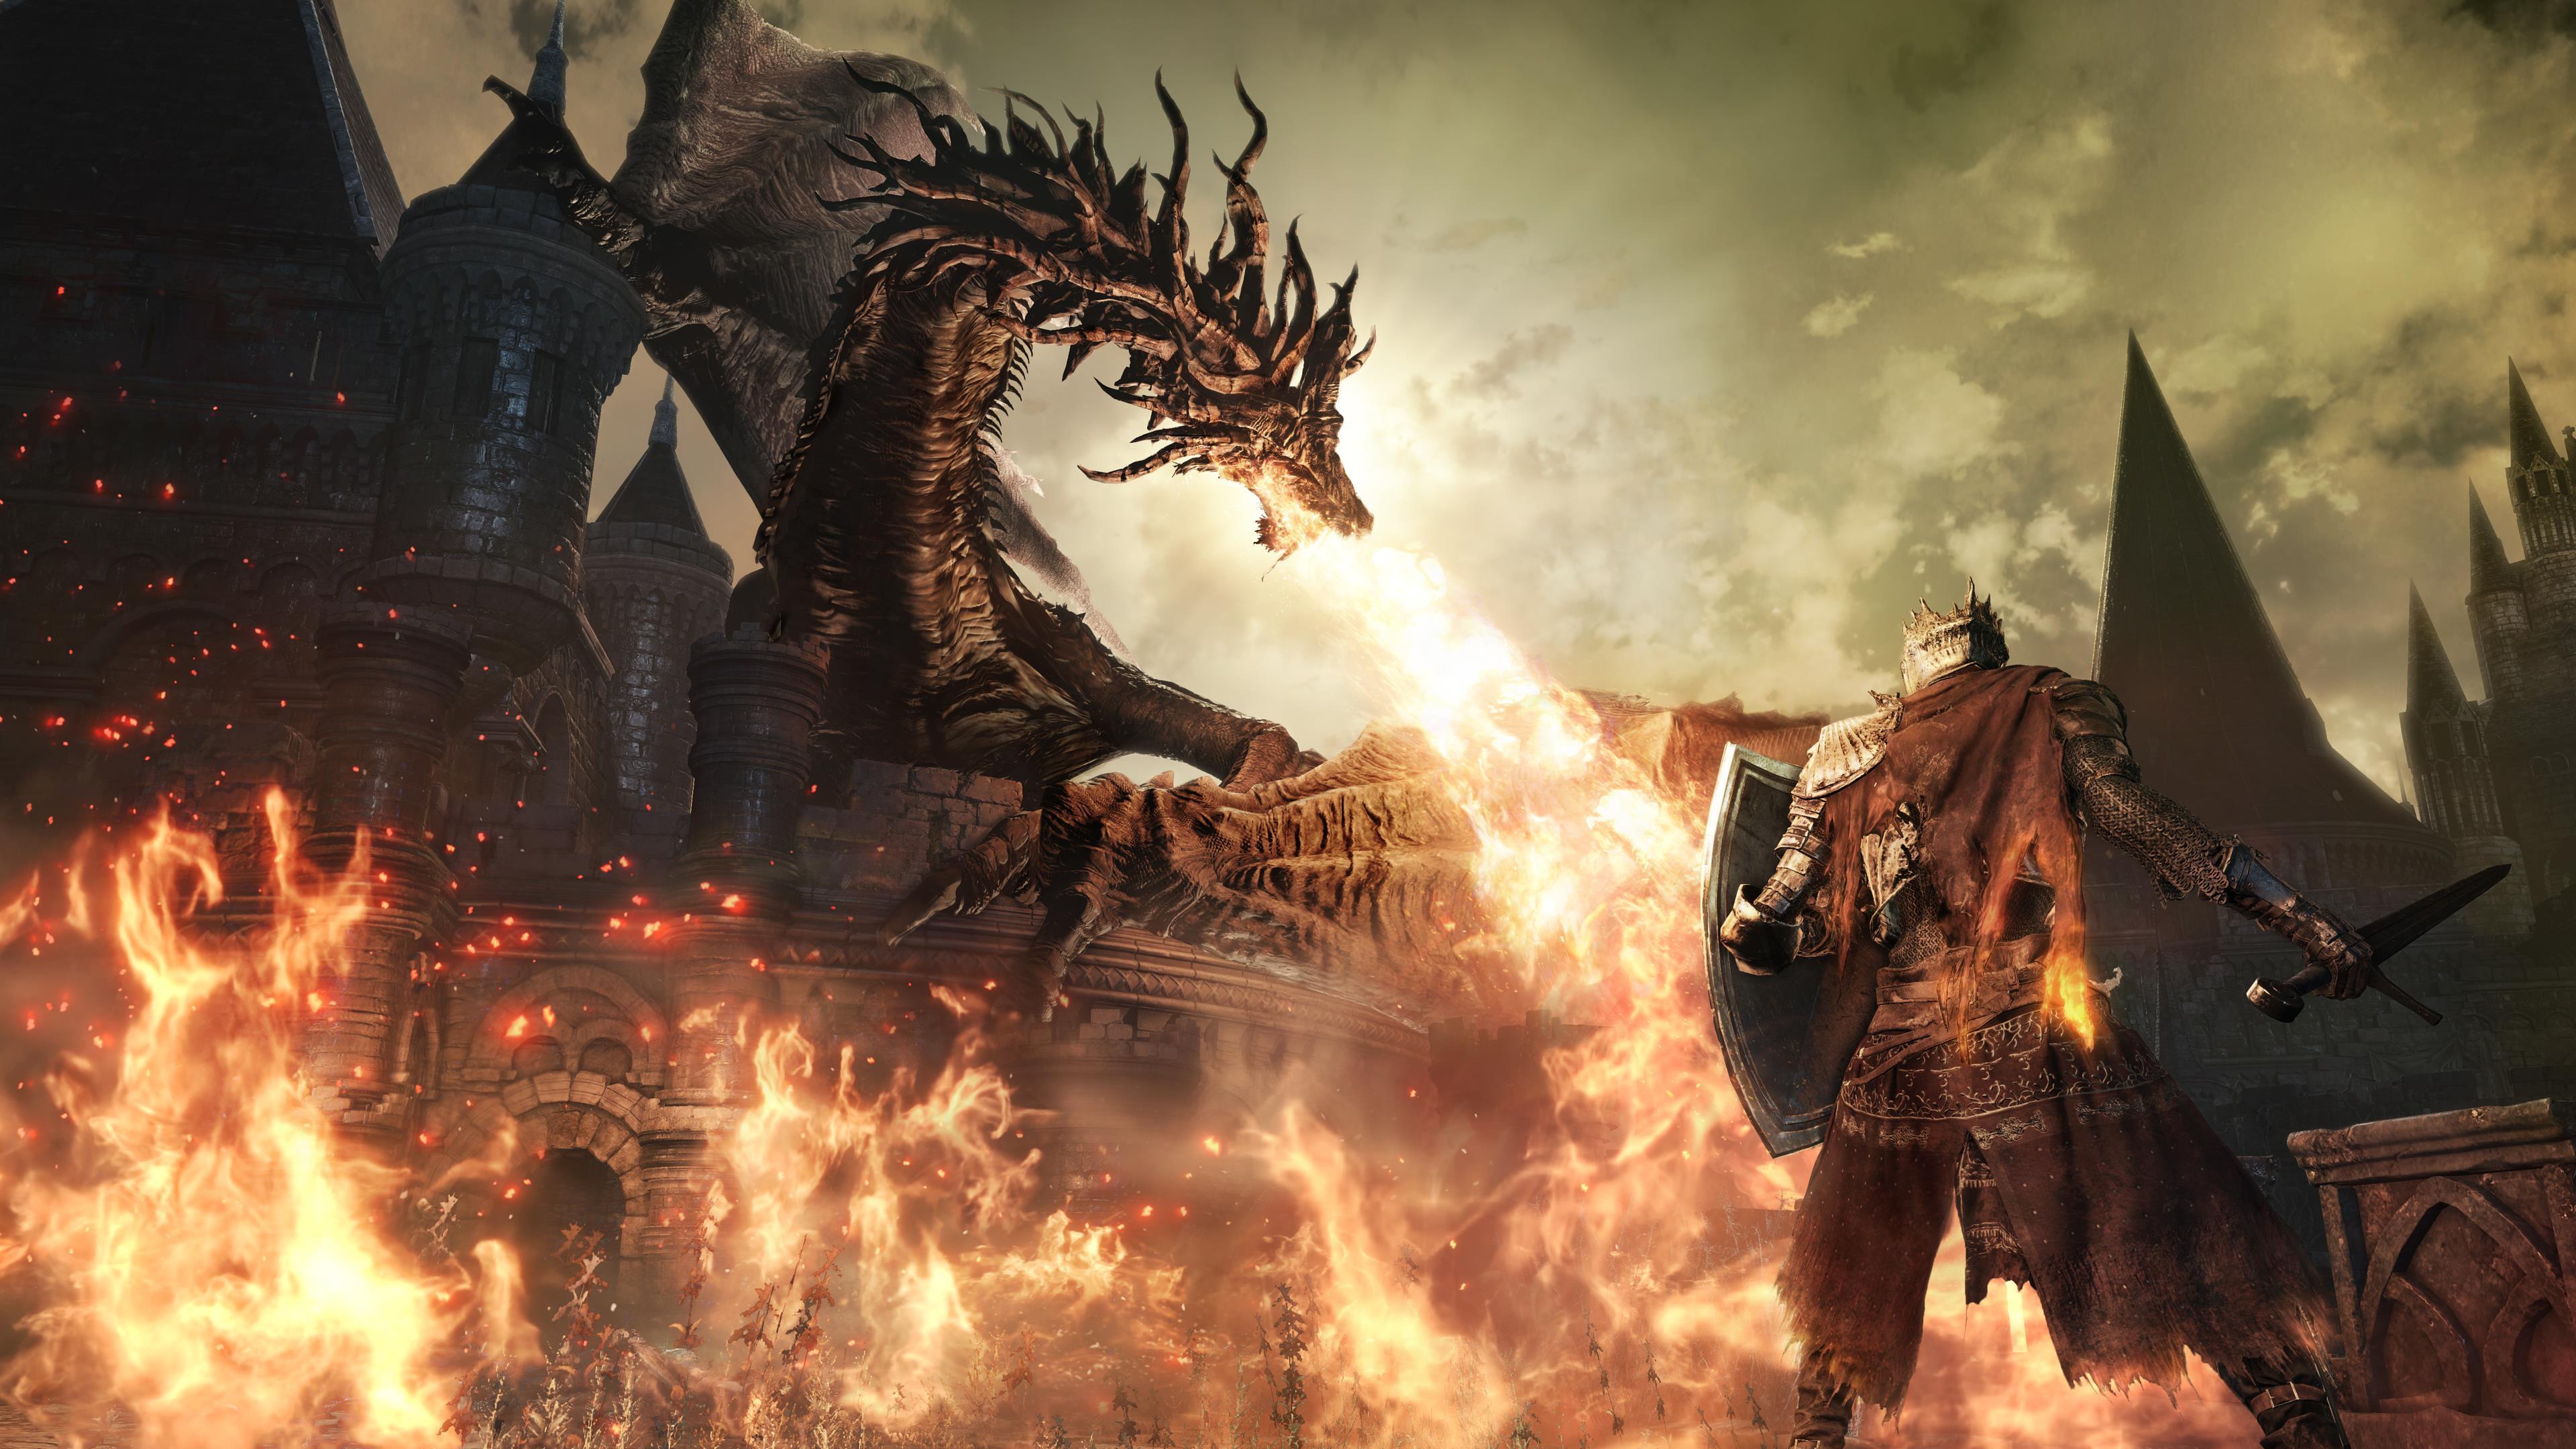 کاراکترهای Dark Souls 3